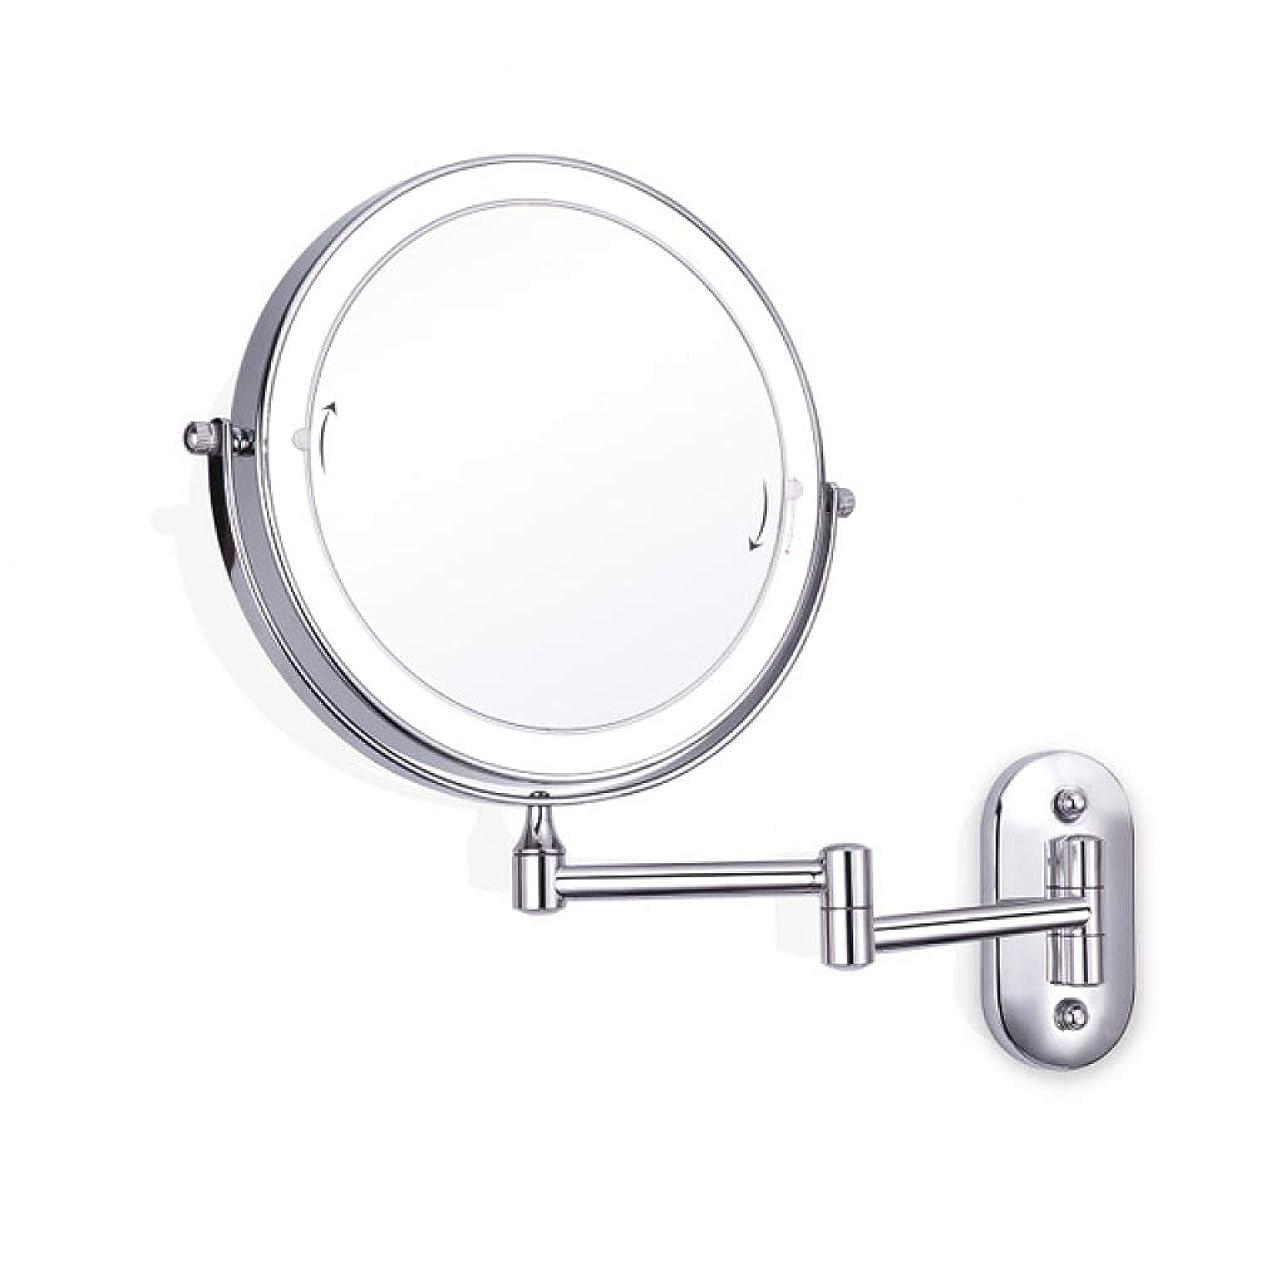 懇願する弁護士空いているALYR LEDが点灯 バスルームミラー、両面 化粧鏡 10 ズームイン 化粧鏡 スケーラブル 化粧鏡バスルームホテル,Silver